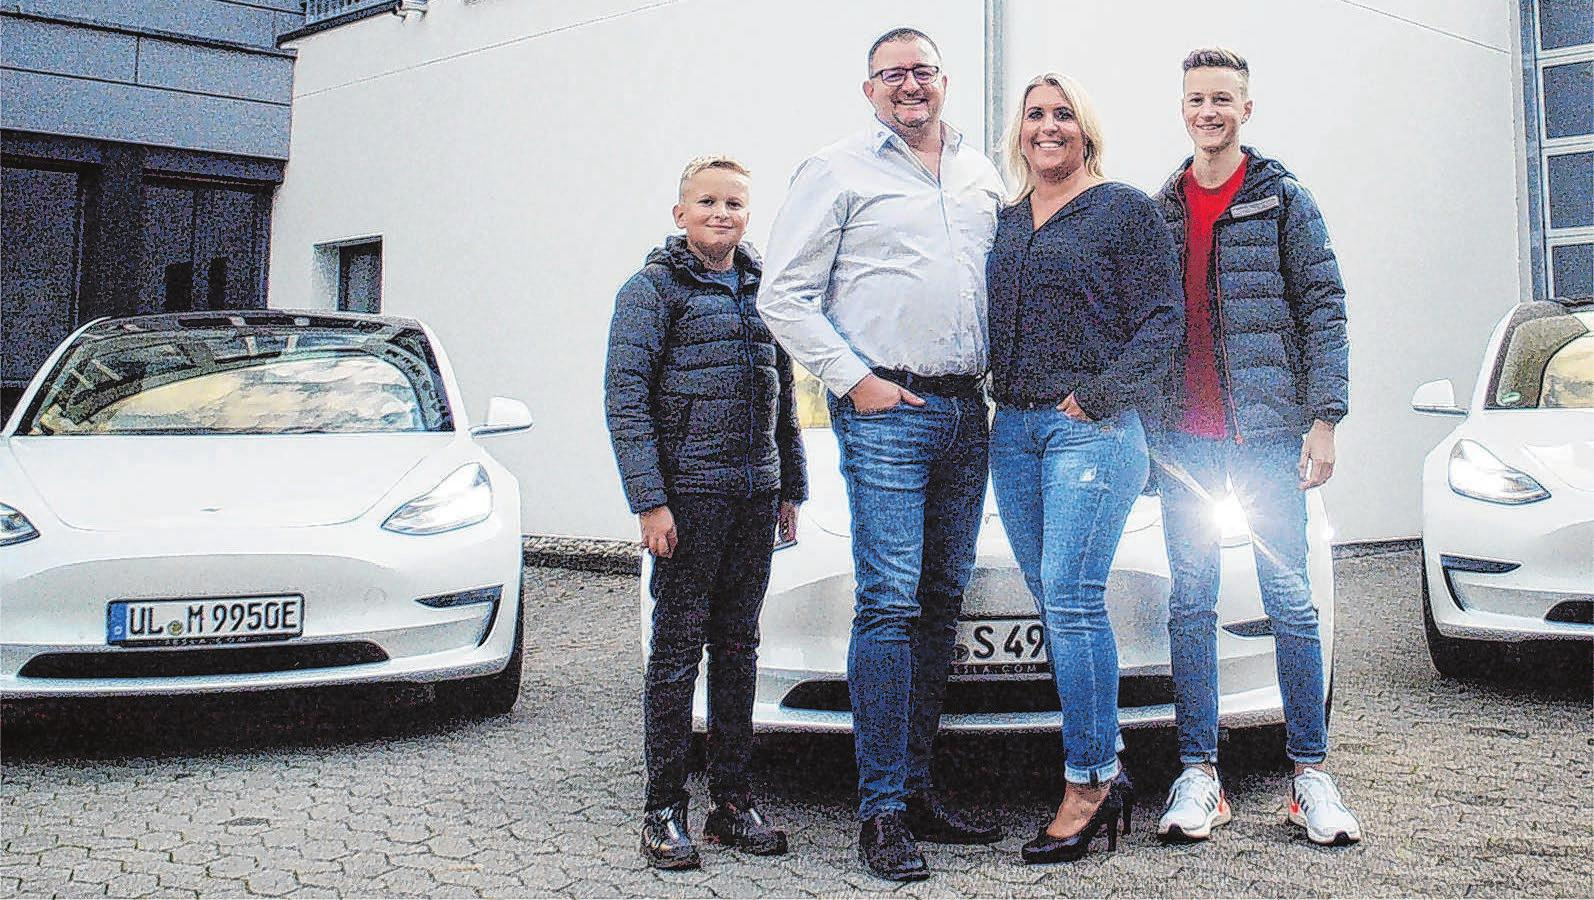 Familie Dodel verbindet seit drei Generationen Tradition mit innovativer und transparenter Unternehmensführung, um als Innovationsführer mit neuesten smarten Technologien dynamisch zu wachsen und Marktführer im Großraum Ulm zu sein. FOTOS: DIE LICHTFÄNGER - JOSEF SÄLZLE